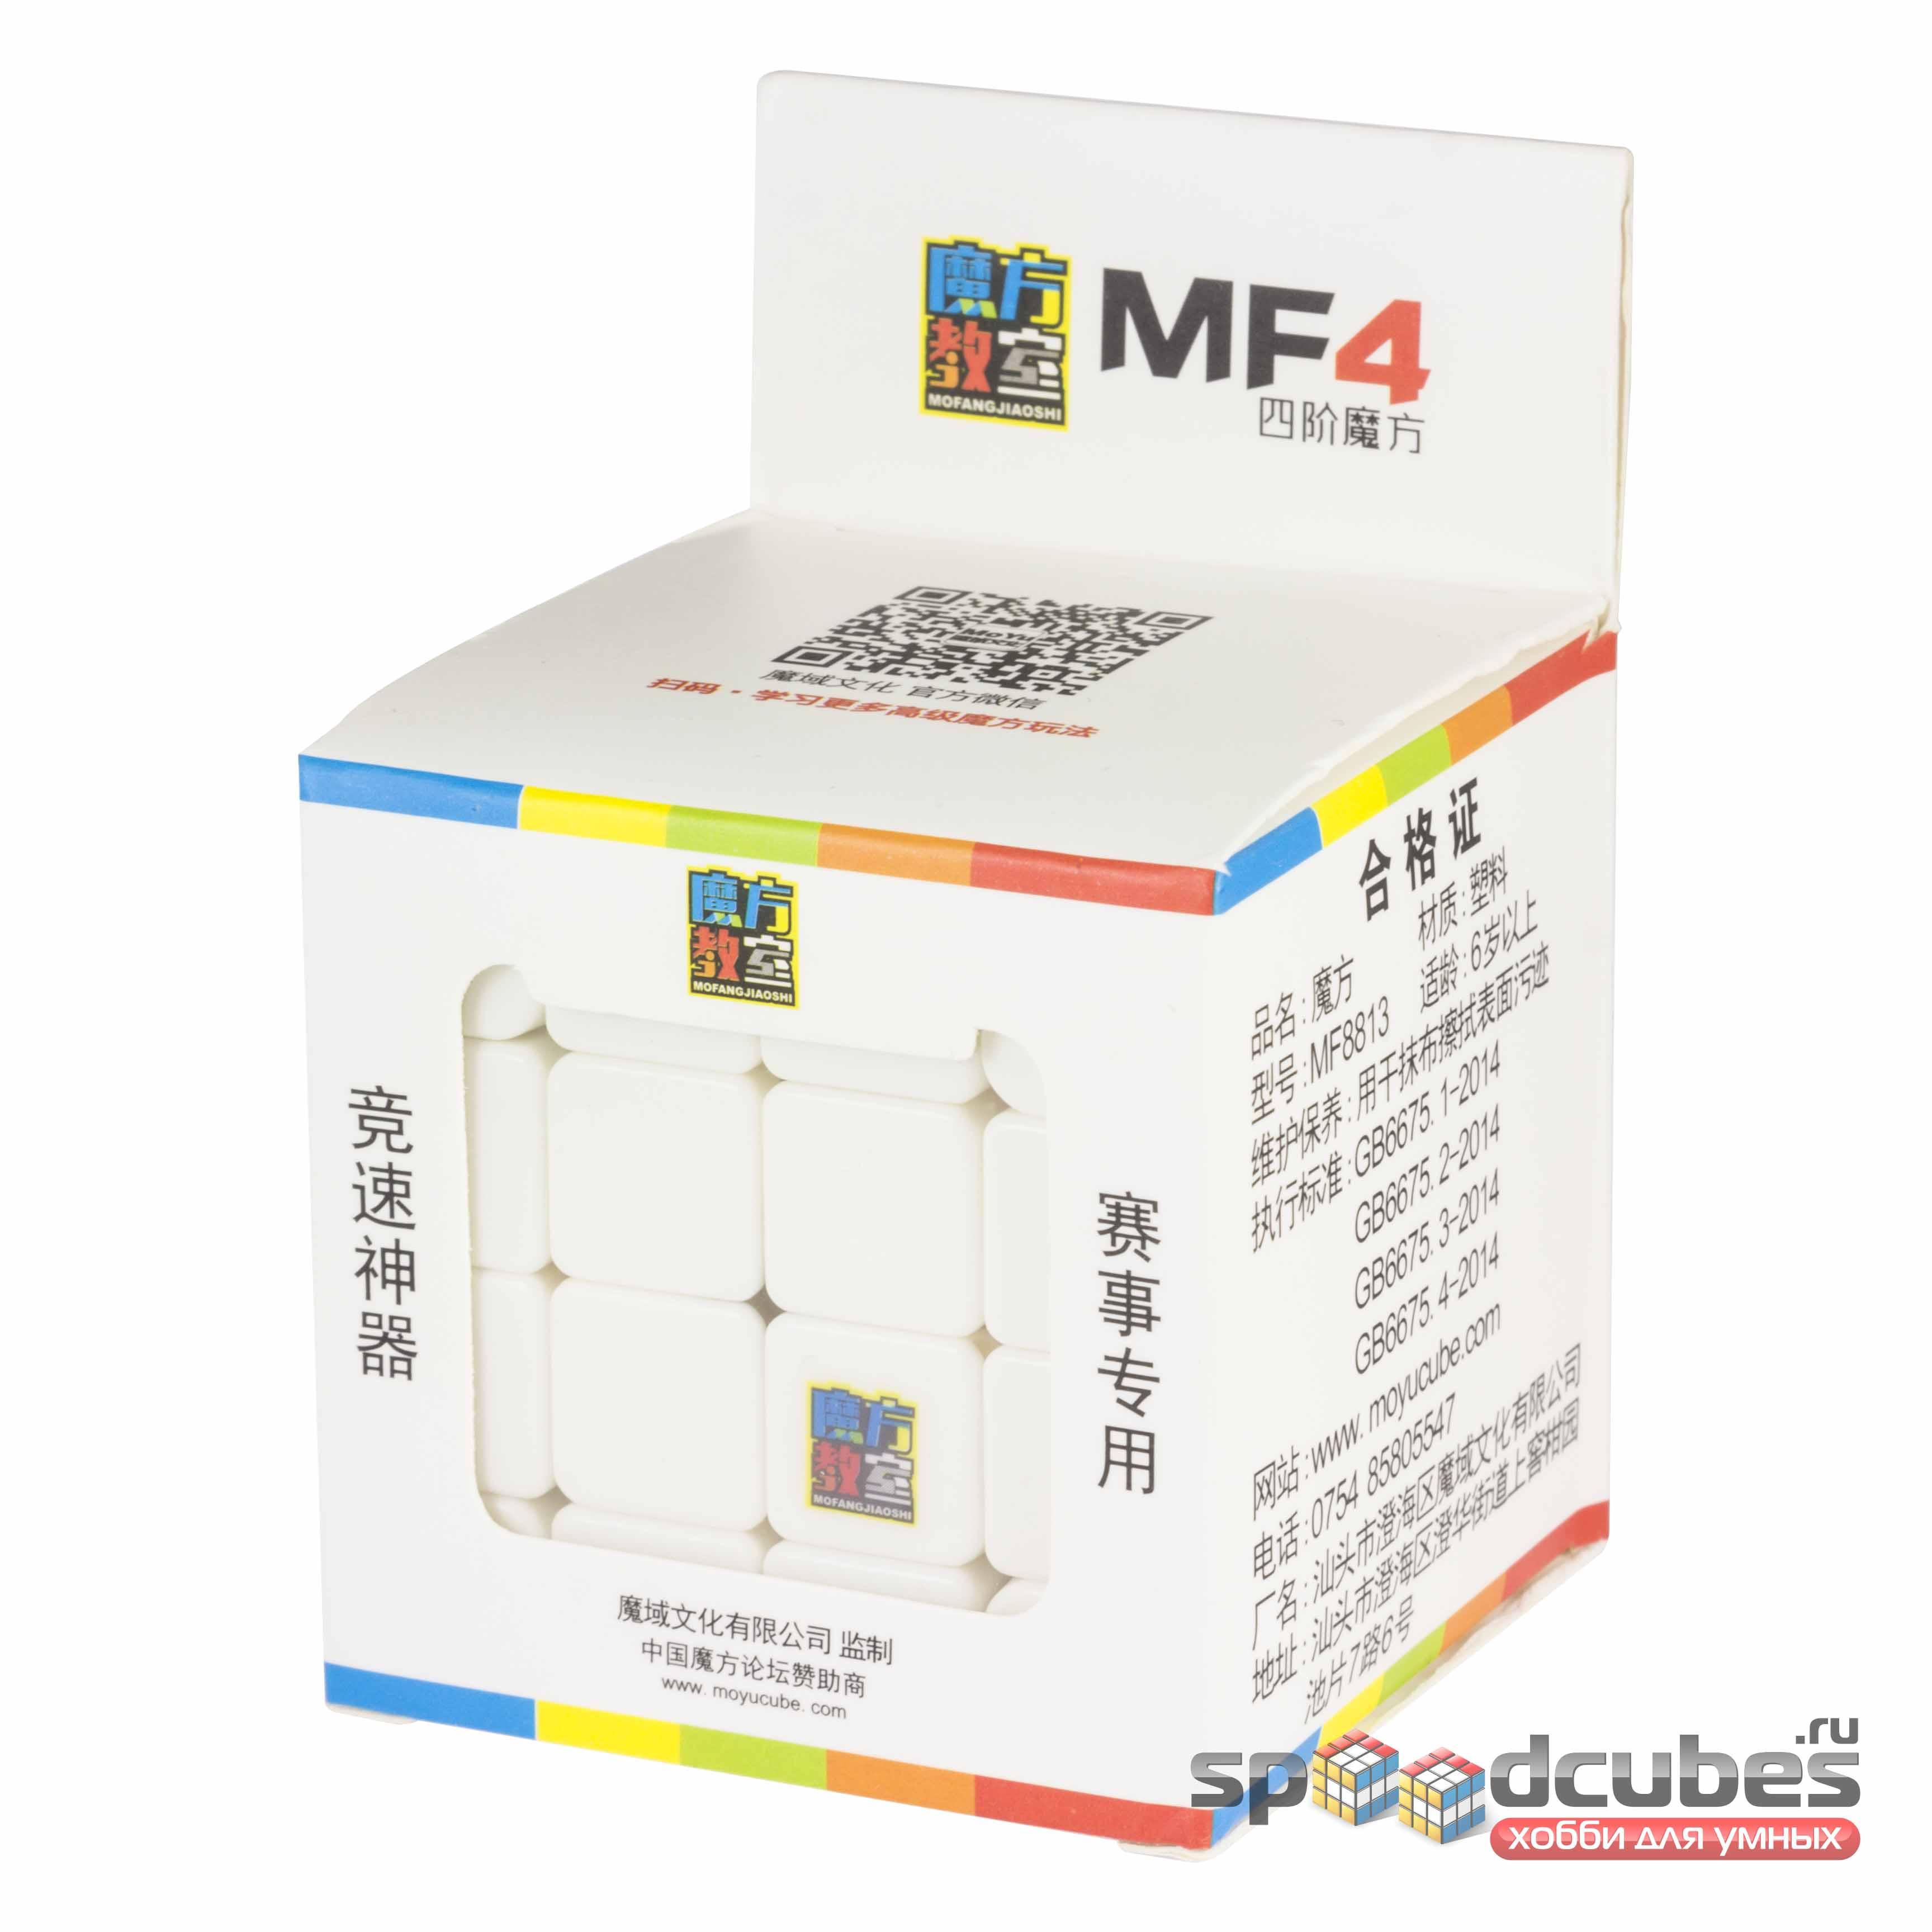 MoYu 4x4x4 MofangJiaoshi MF4 Tsv 1